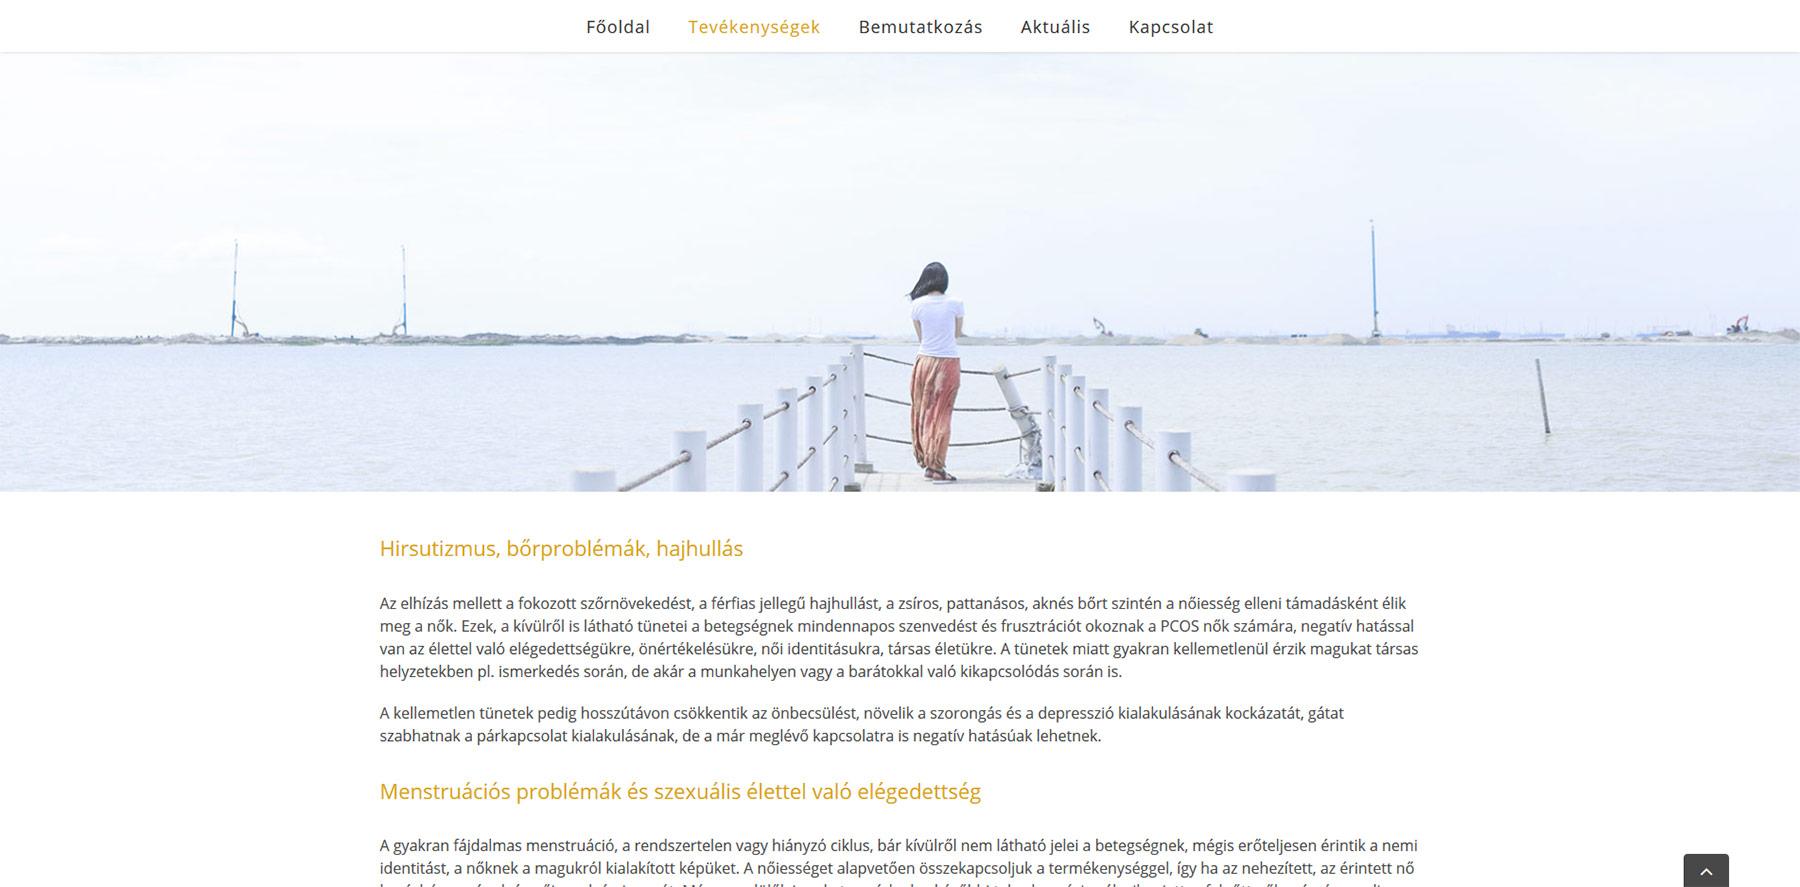 Pszichológiai és dietetikai tanácsadás weboldal: kohlnepappildiko.hu